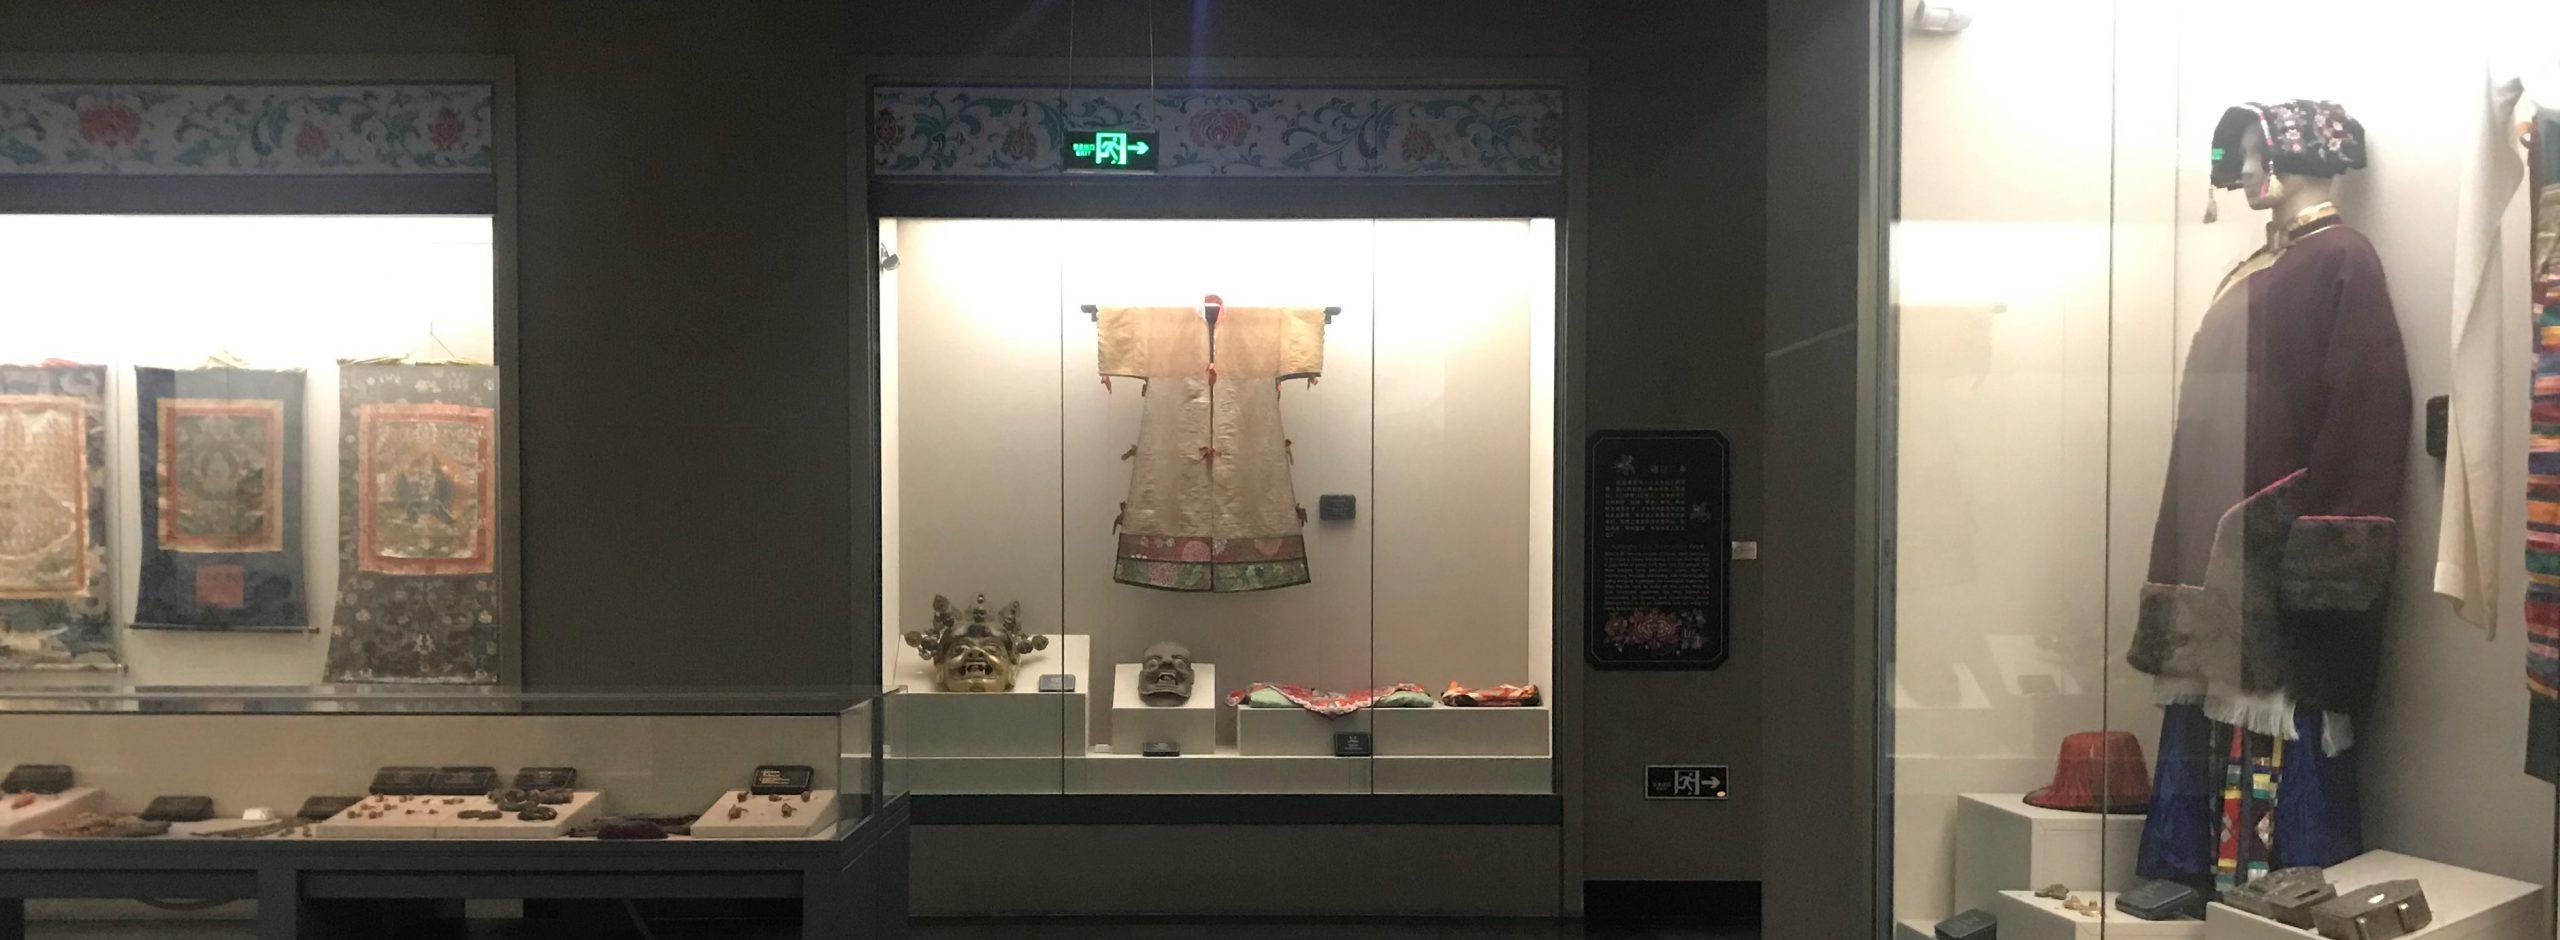 四川民族文物館-四川博物館-成都